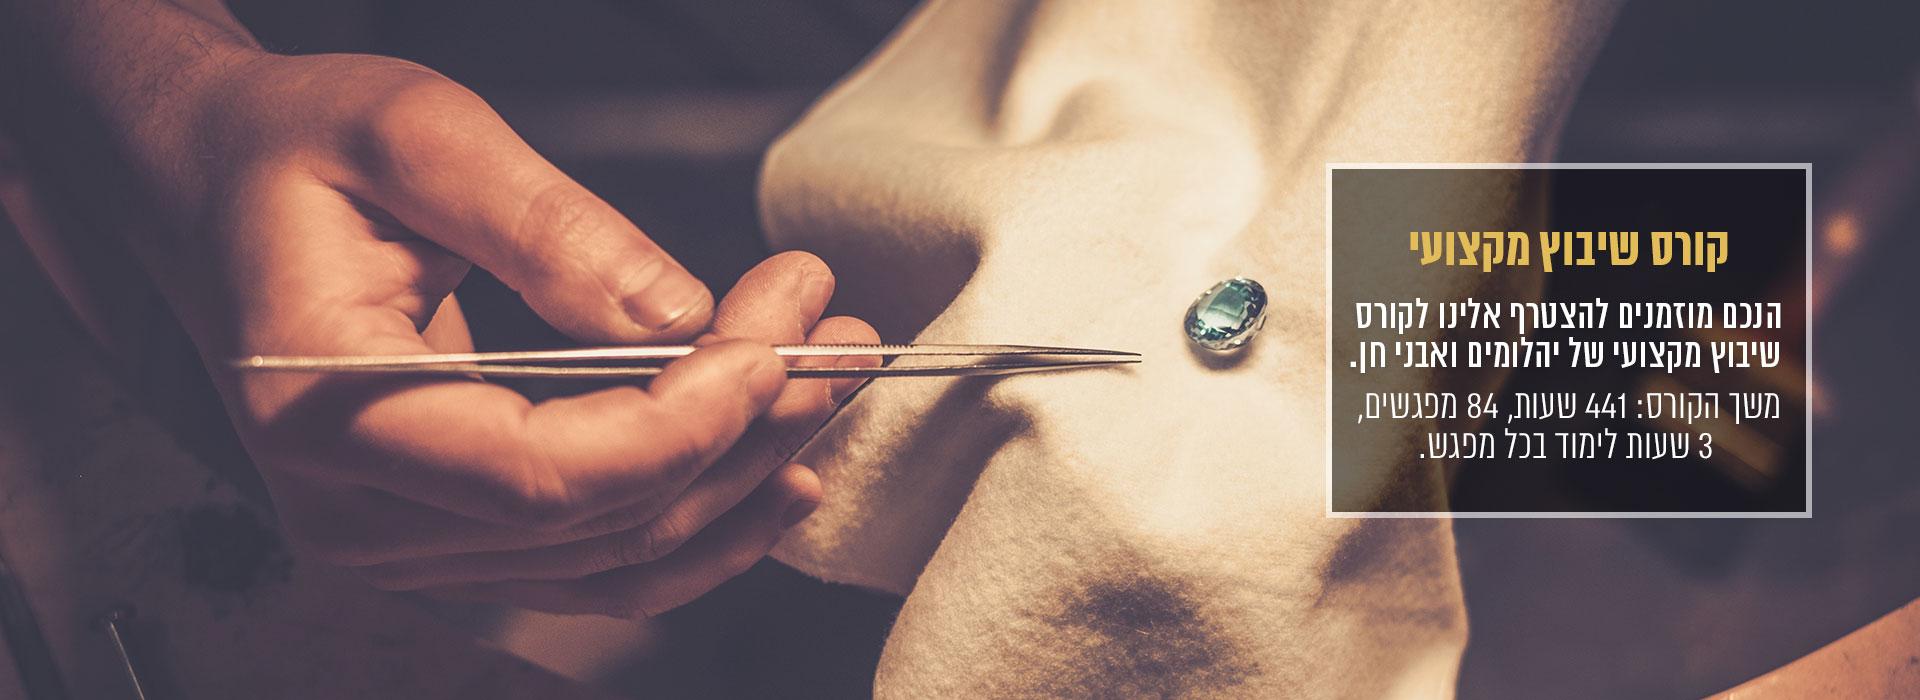 עיצוב תכשיטים מקצועי